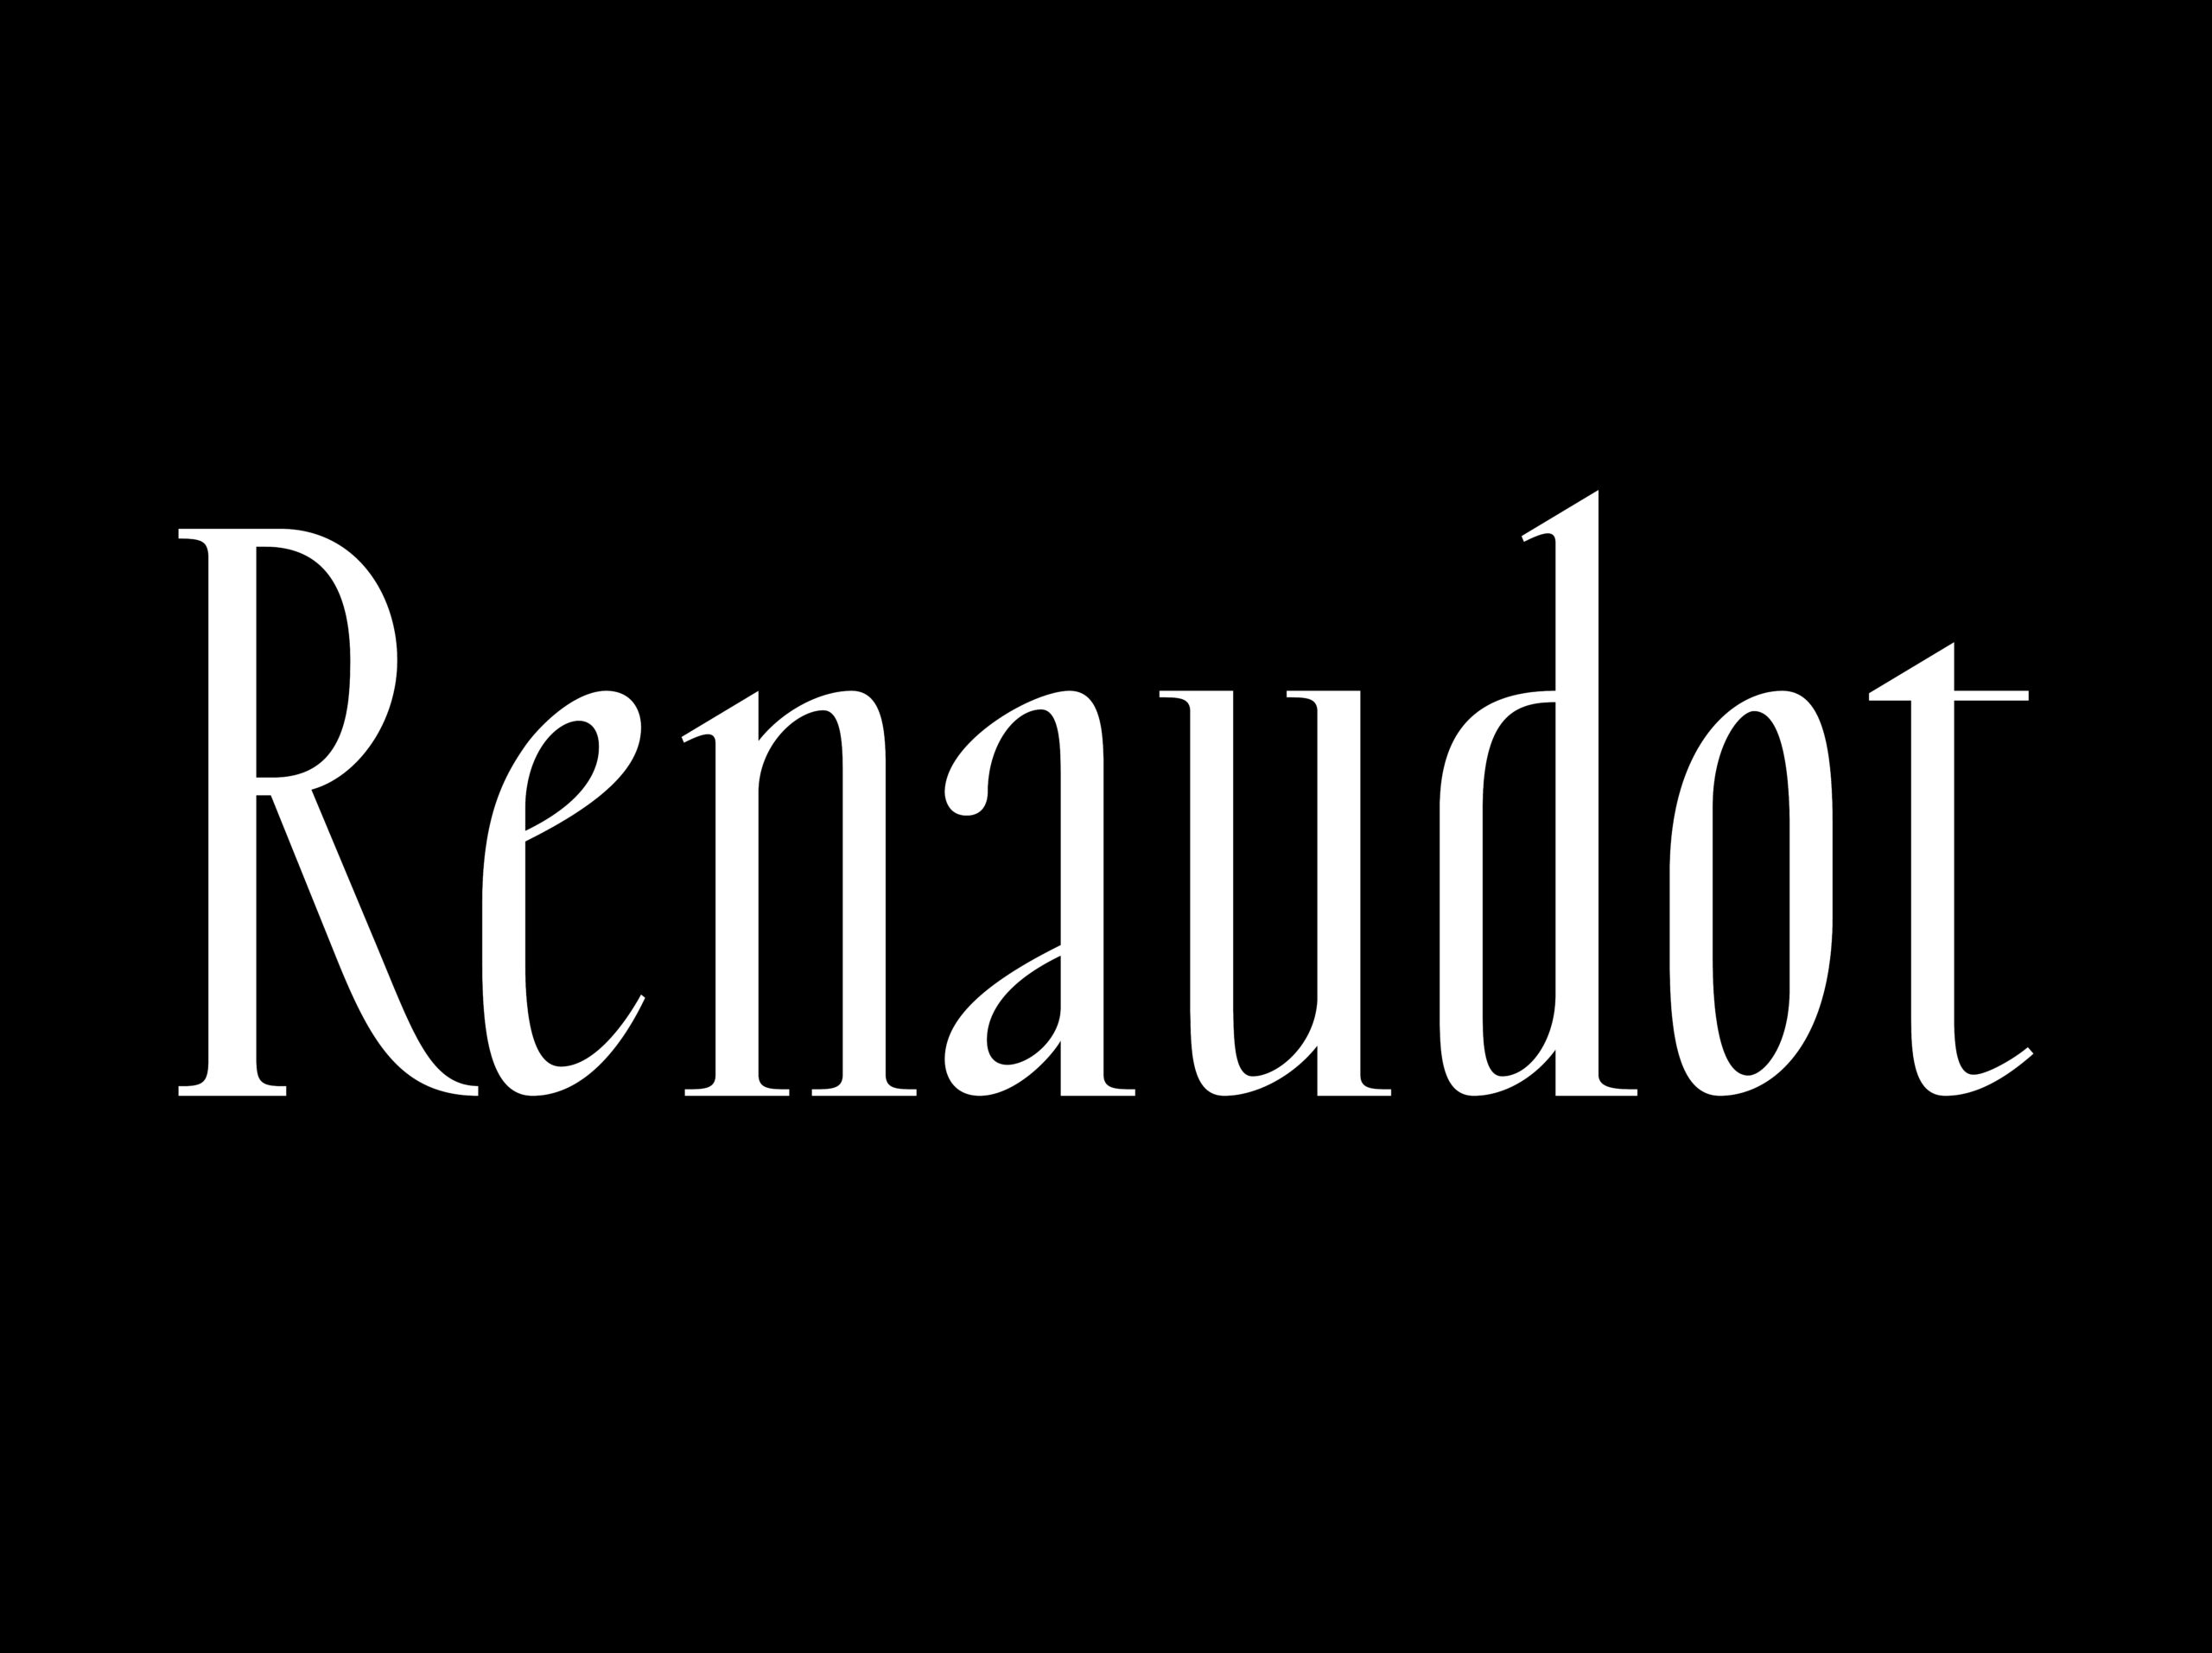 RenaudotWebsite01